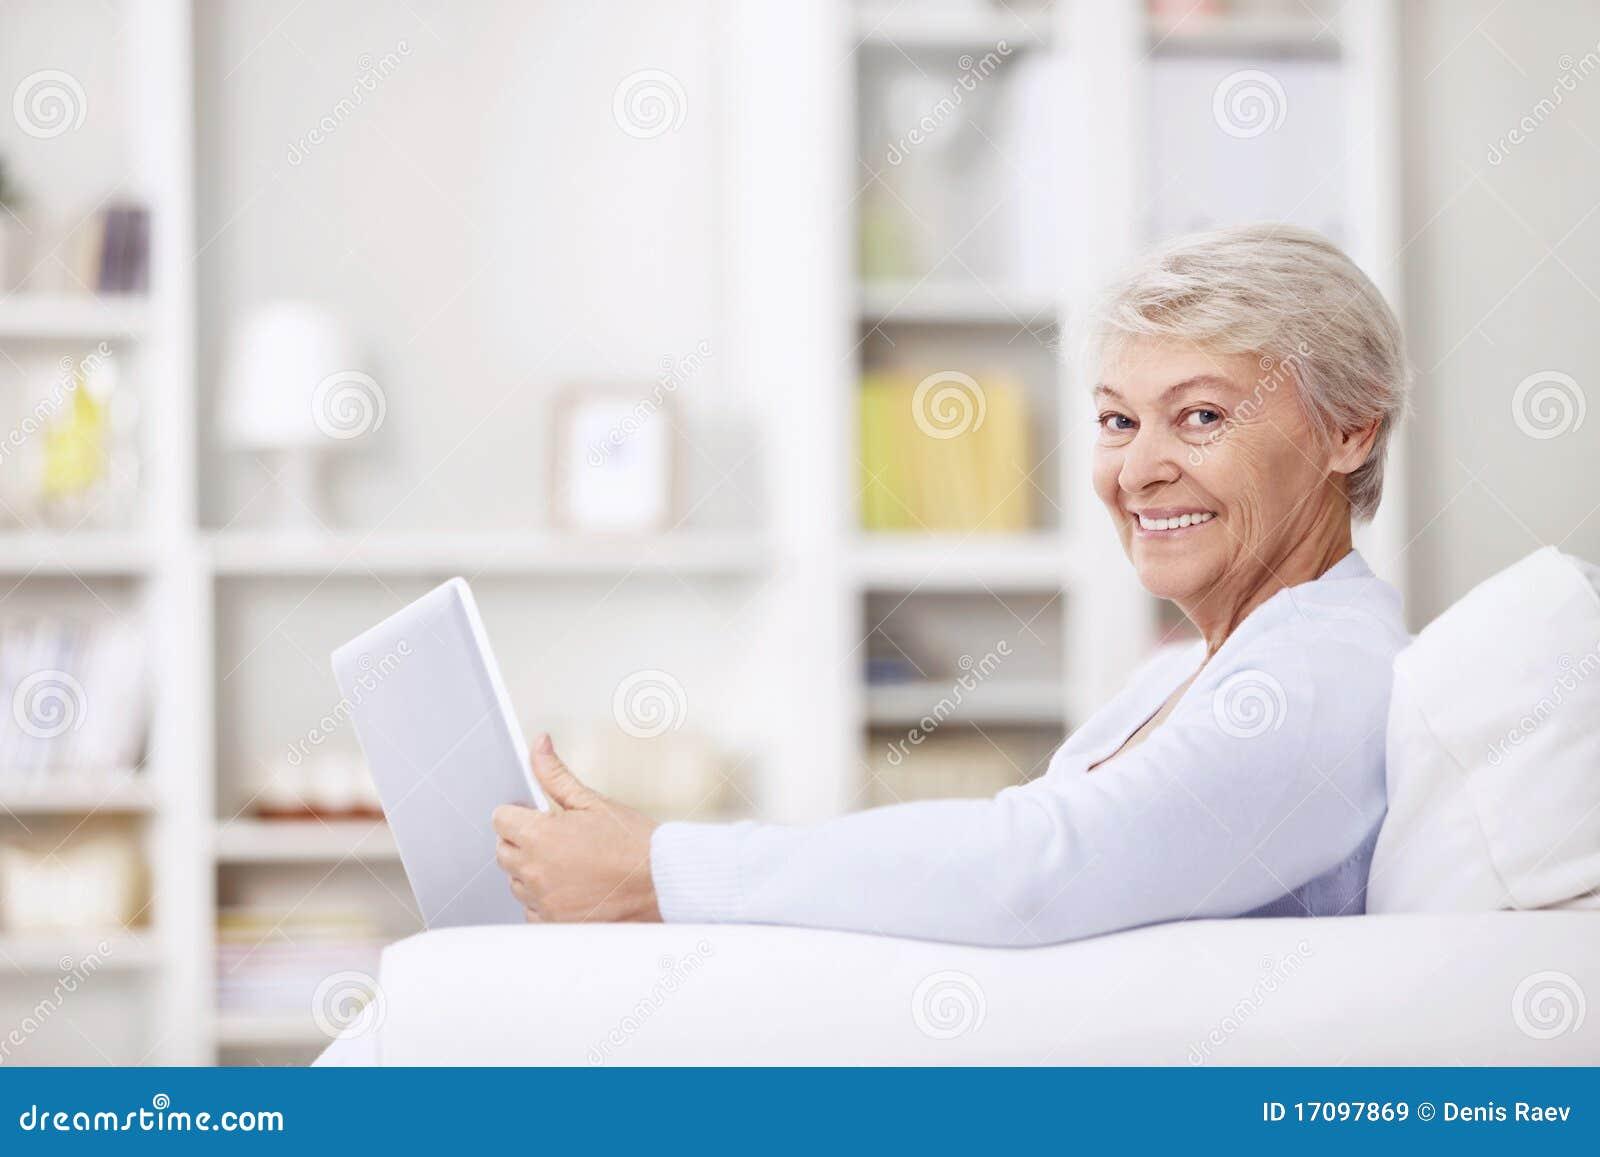 Lächelnde ältere Frau zu Hause